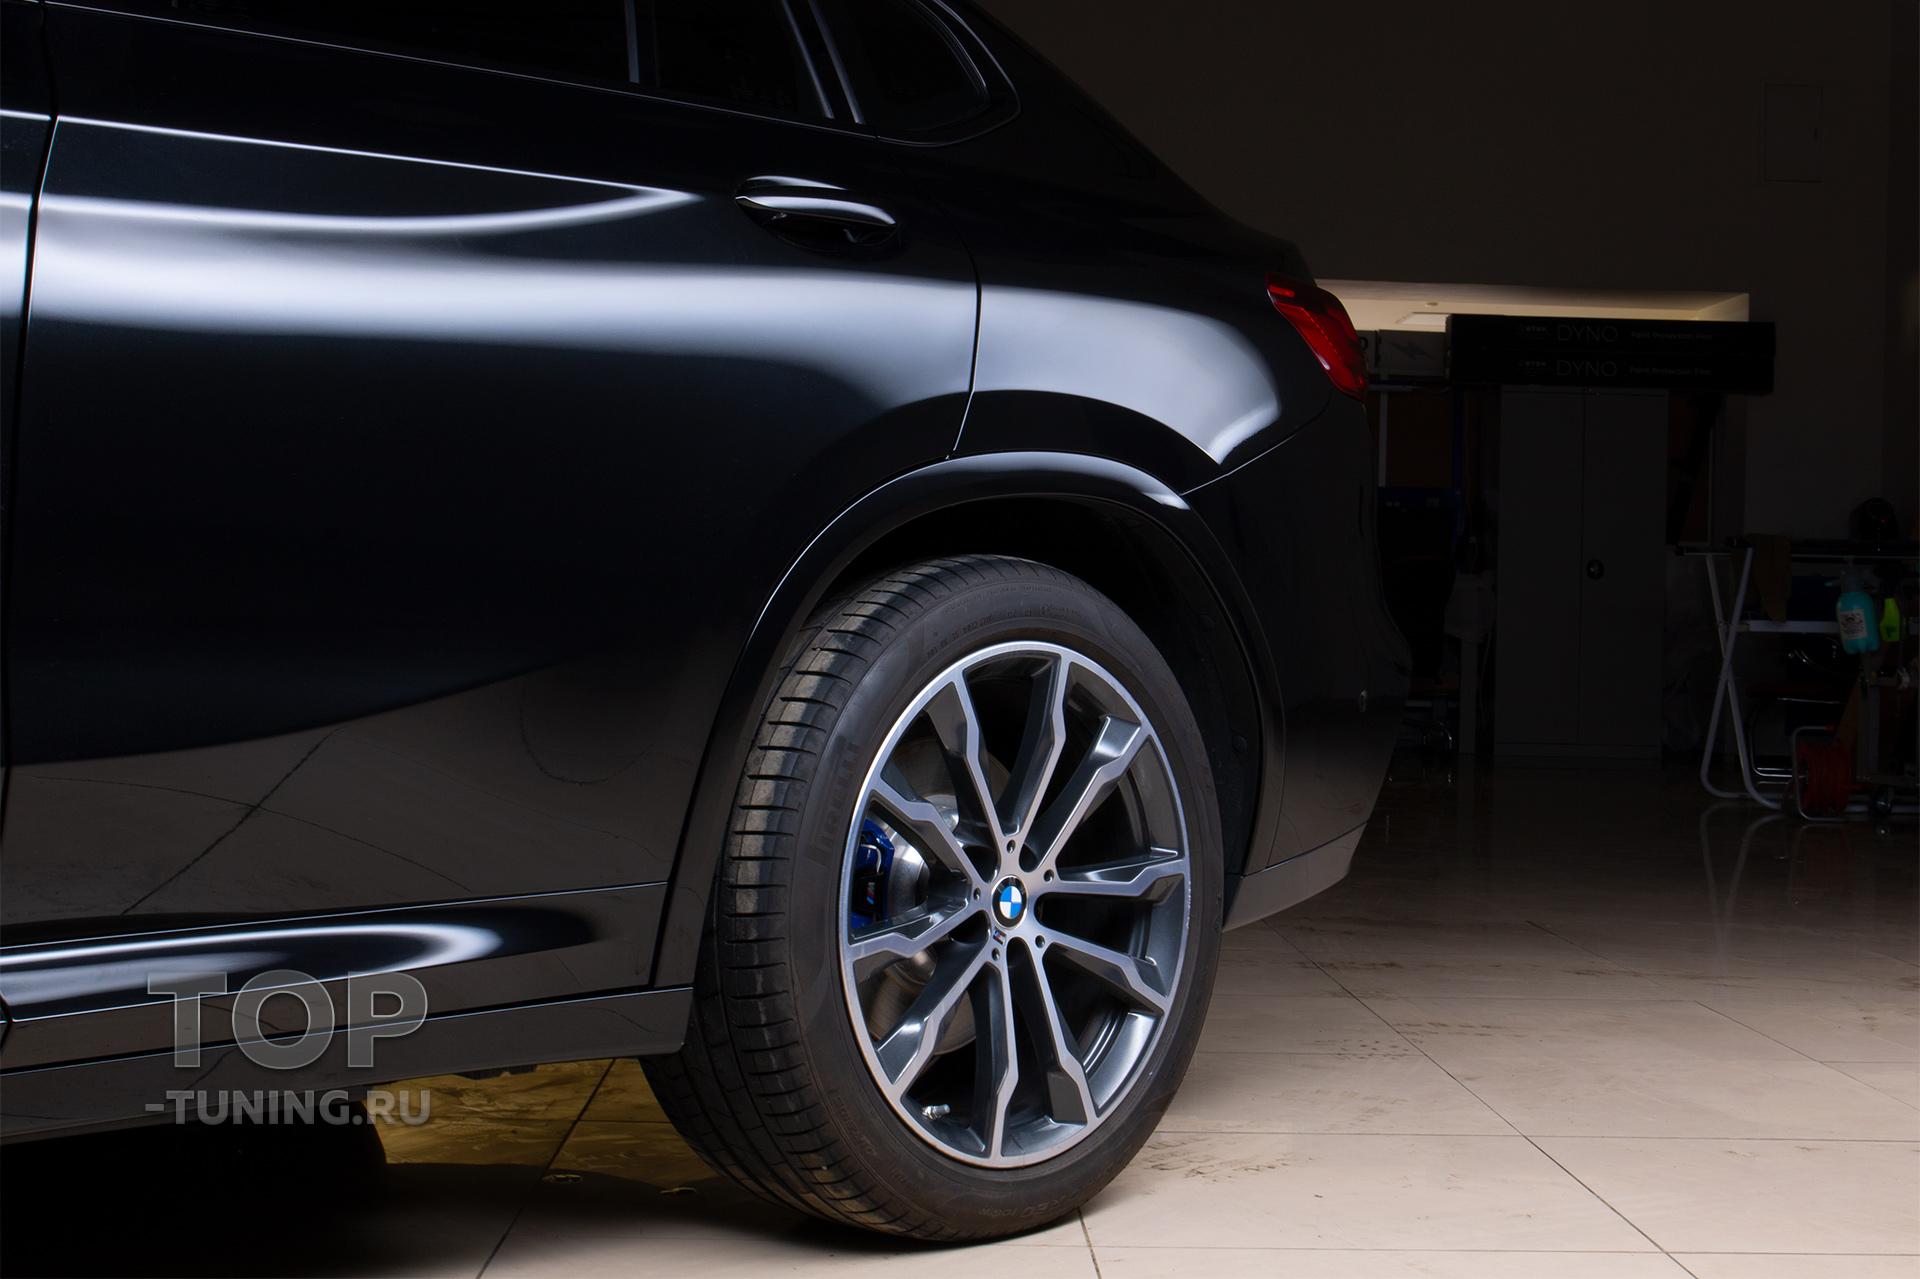 Защищаем новый автомобиль от сколов и повреждений. Работа с пленкой STEK Dyno Shield (Южная Корея);